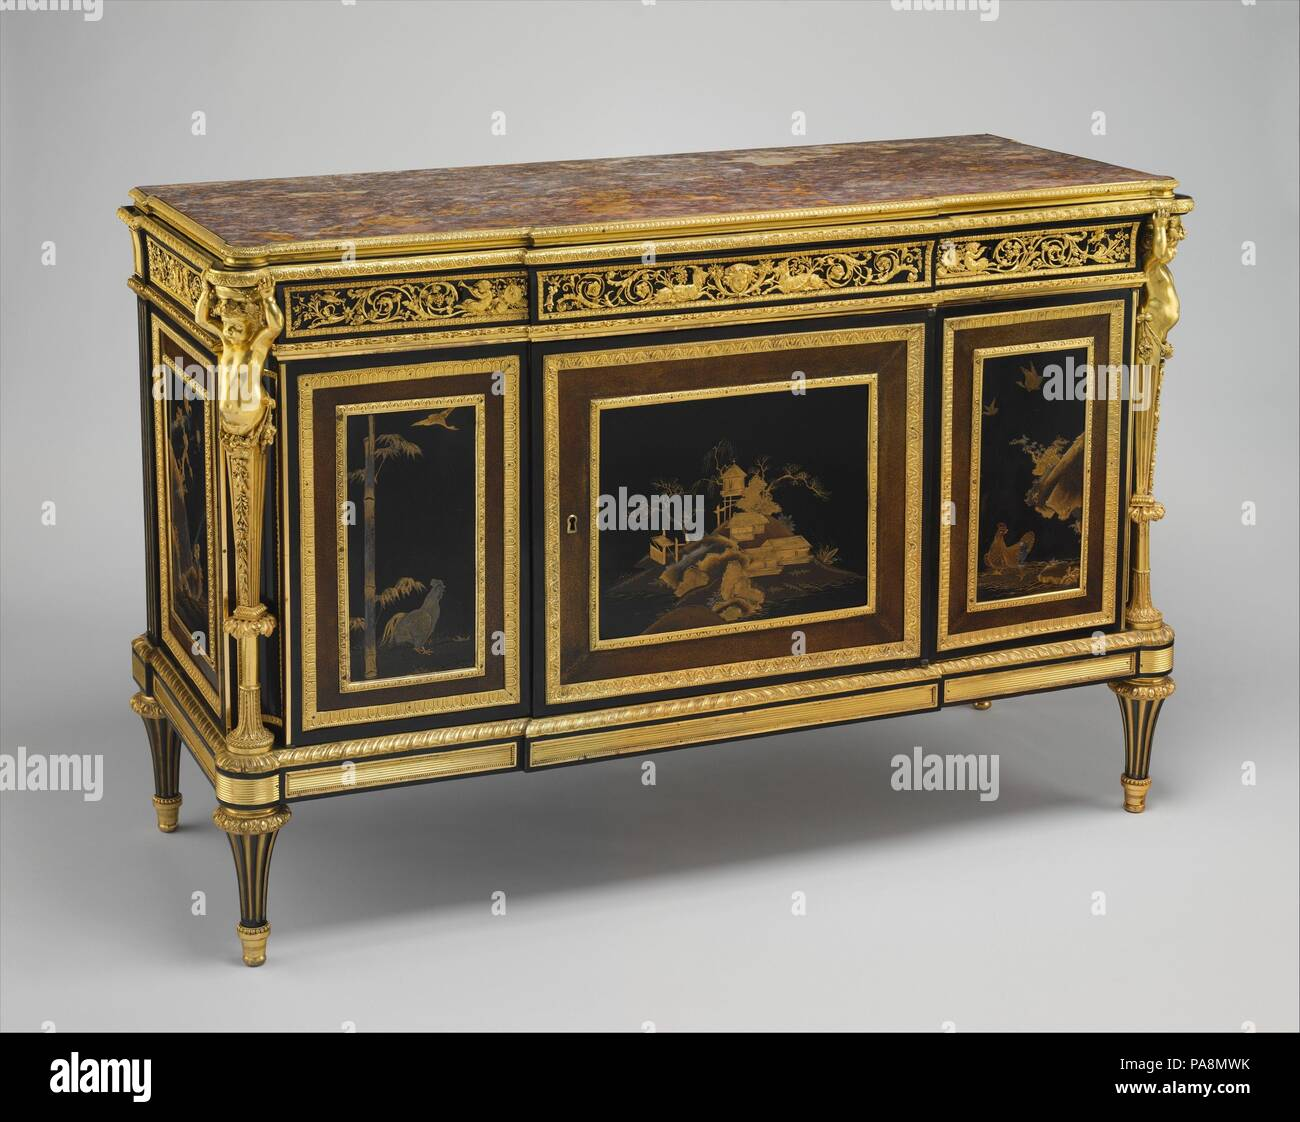 Commode à vantaux (Commode) (partie d'un ensemble). Culture: français, Paris. Dimensions: H. 38-3/8 in. (97,5 cm); W. 58-5/8 in. (148,9 cm); D. 22-1/4 in.(56,5 cm). Bouilloire: Adam Weisweiler (Français, 1744-1820). Date: ca. 1790. Le 7 octobre 1790, de nombreux membres de la famille royale et les aristocrates étaient réunis à Francfort pour assister au couronnement de Léopold II en tant que saint empereur romain. Ferdinand IV (1751-1825), roi de Naples, a été parmi ceux qui sont présents pour cet événement solennel. Le nouveau marié à sa sœur, Maria Carolina, Ferdinand était le frère-rin-loi des deux Léopold et Marie-Antoinette. À cette époque de la Banque D'Images